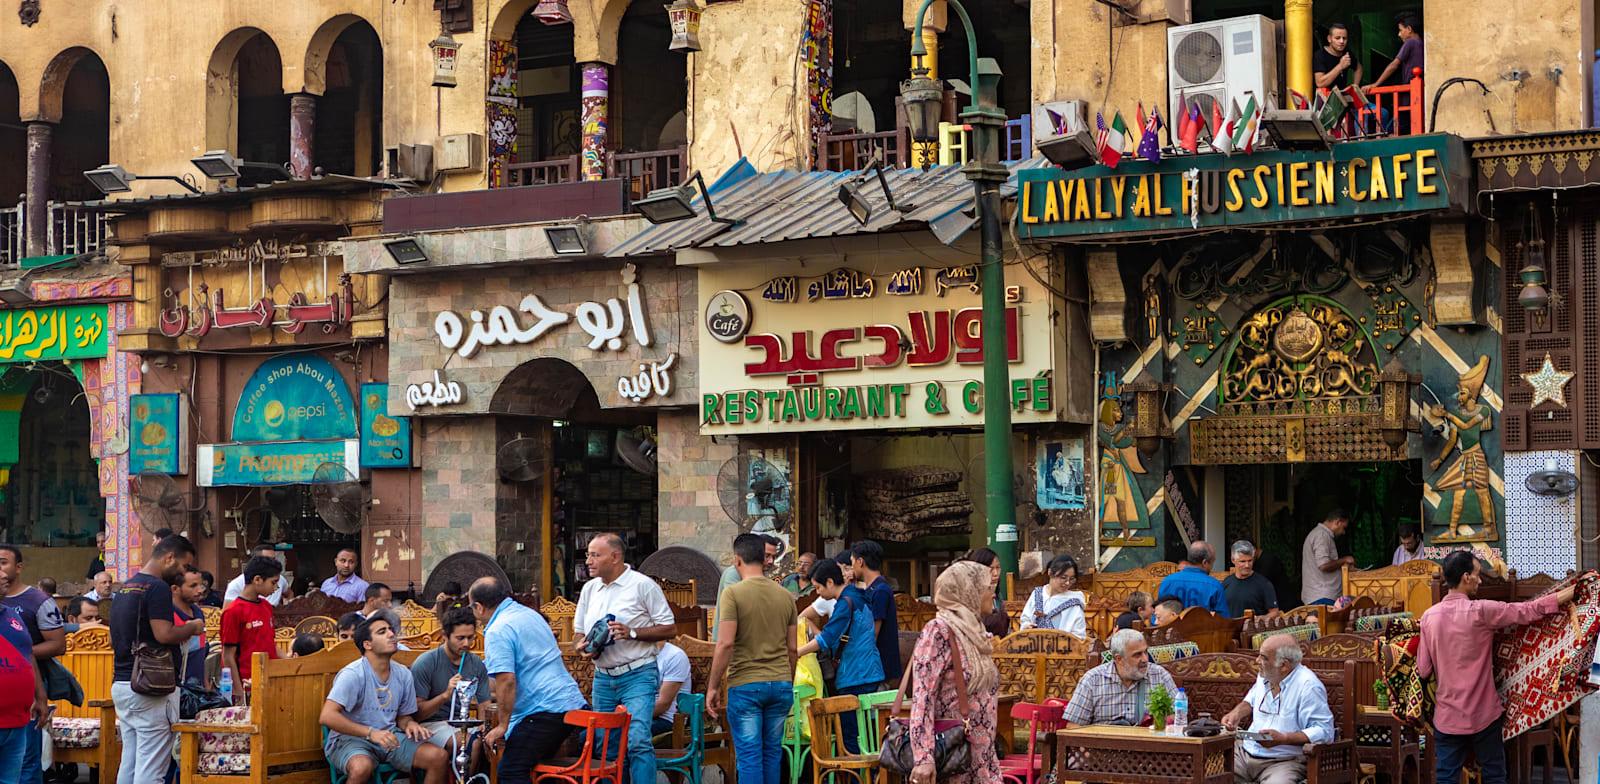 """רחוב בקהיר. דוח של האו""""ם מ-2013 על מצב הנשים מצא ש-99% מהנשים במצרים חוו תקיפה מינית כלשהי / צילום: Shutterstock, Nora_n_0_ra"""